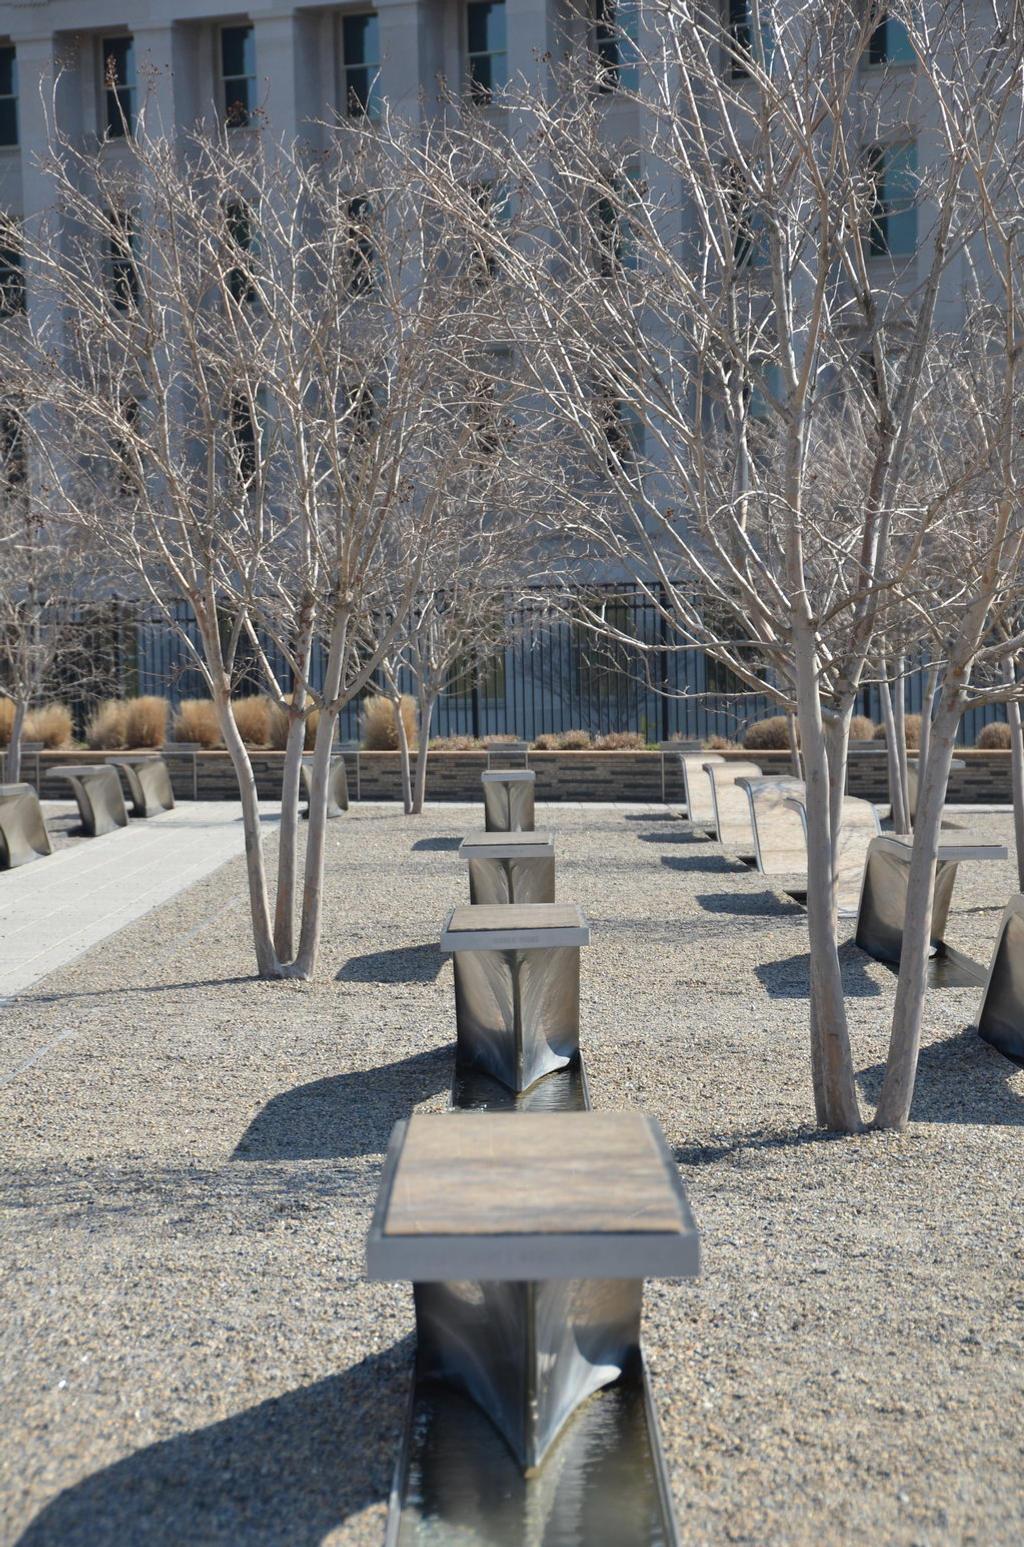 In Memory-911 Pentagon by joeyn46